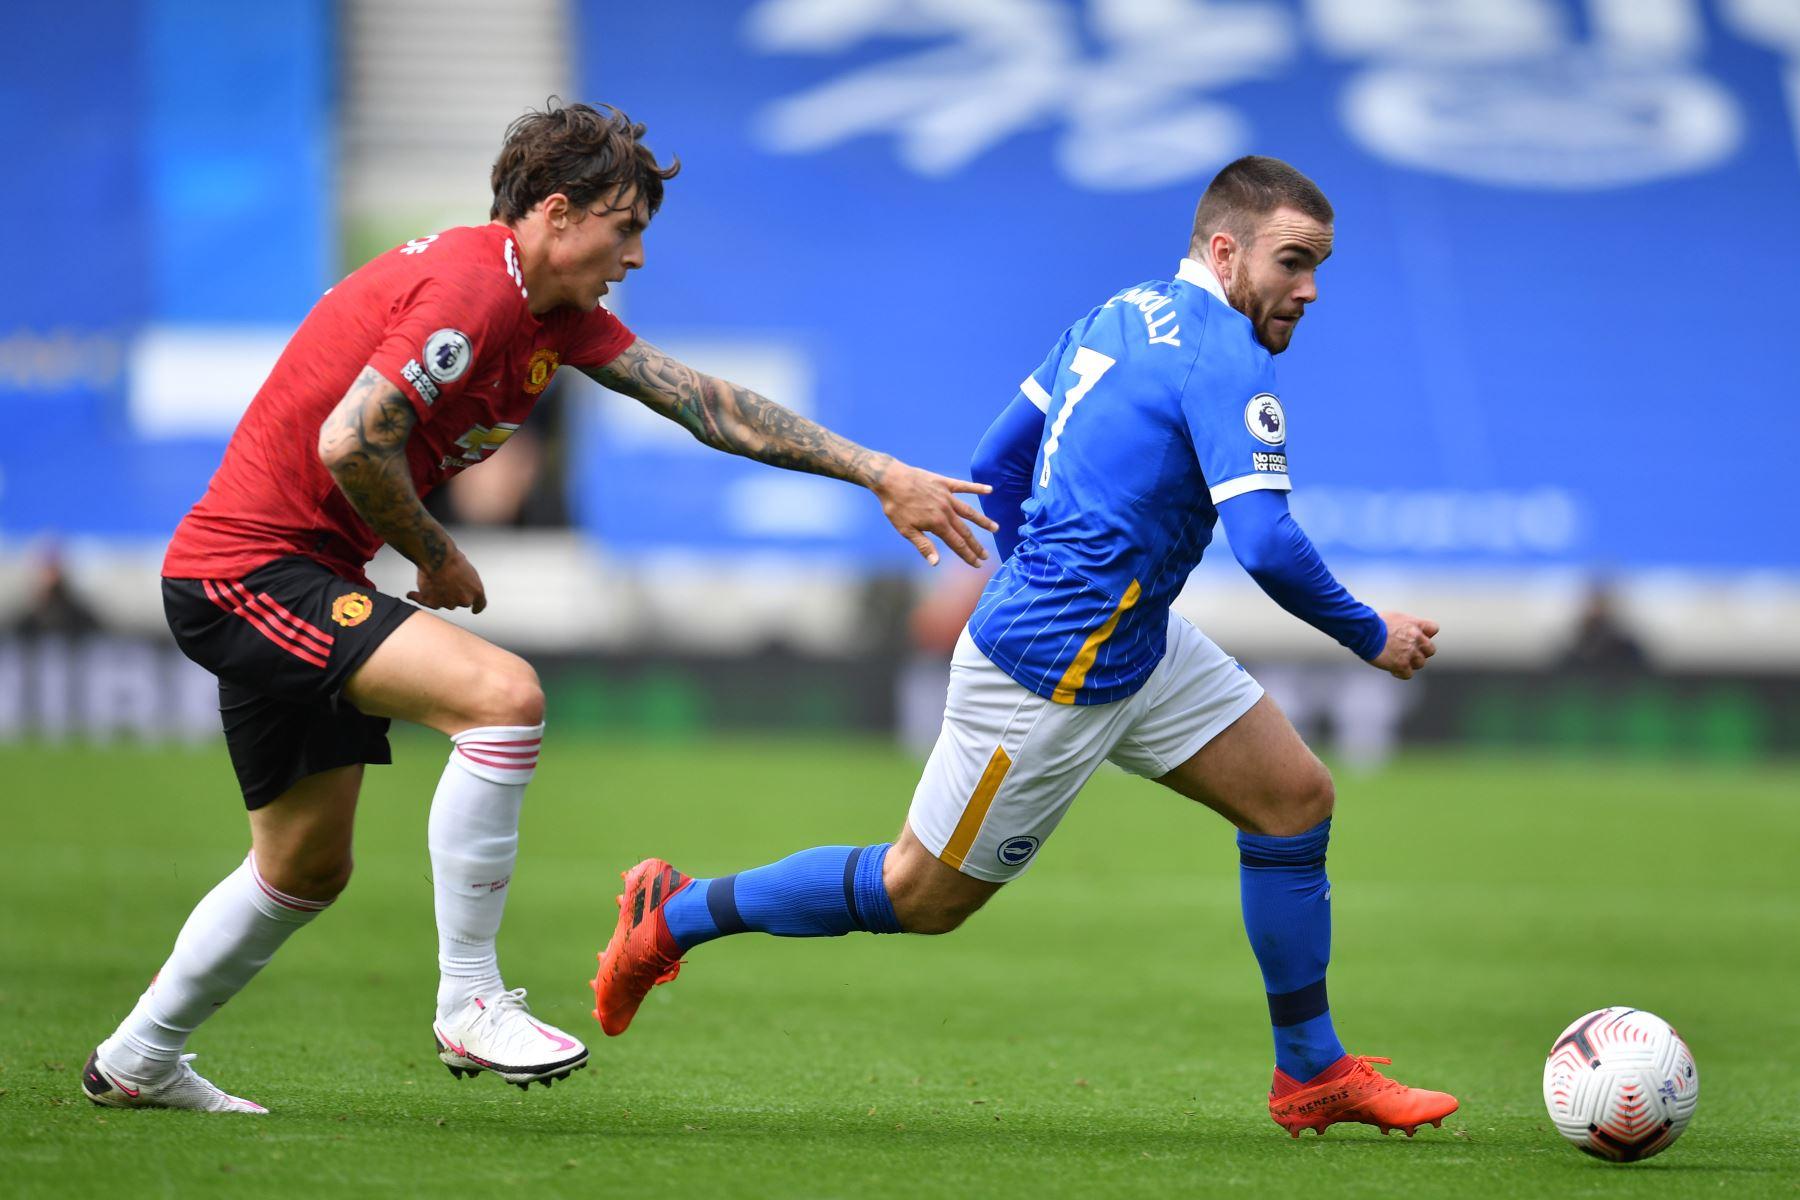 El defensor sueco del Manchester United, Victor Lindelof, compite con el delantero irlandés de Brighton, Aaron Connolly, durante el partido de fútbol de la Premier League. Foto: AFP